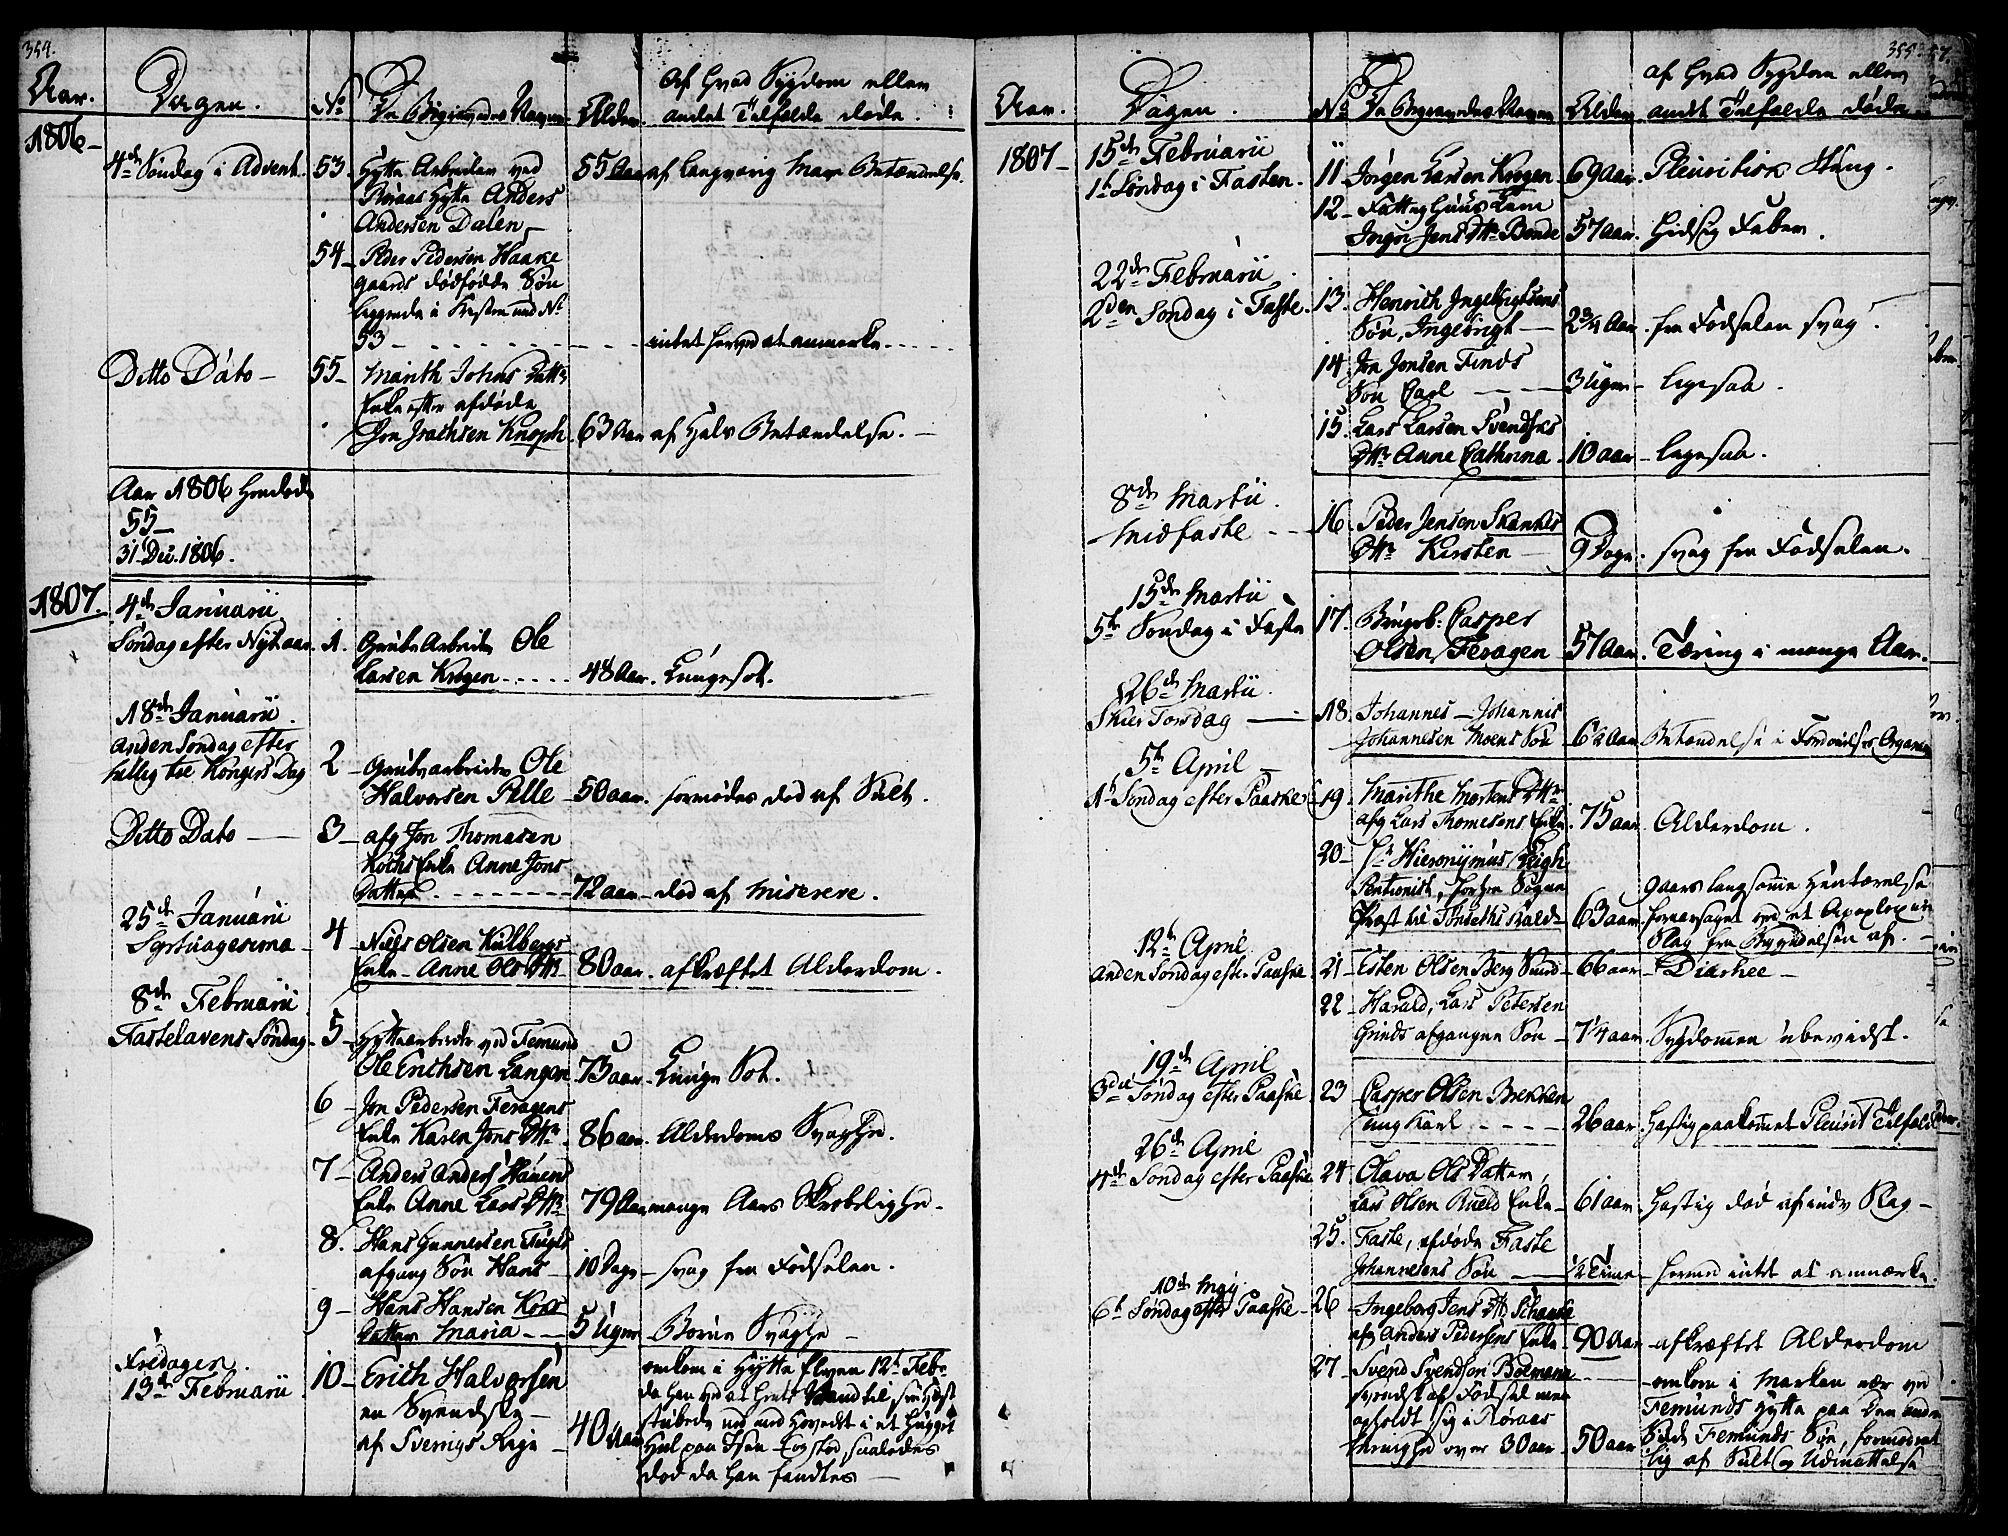 SAT, Ministerialprotokoller, klokkerbøker og fødselsregistre - Sør-Trøndelag, 681/L0928: Ministerialbok nr. 681A06, 1806-1816, s. 354-355